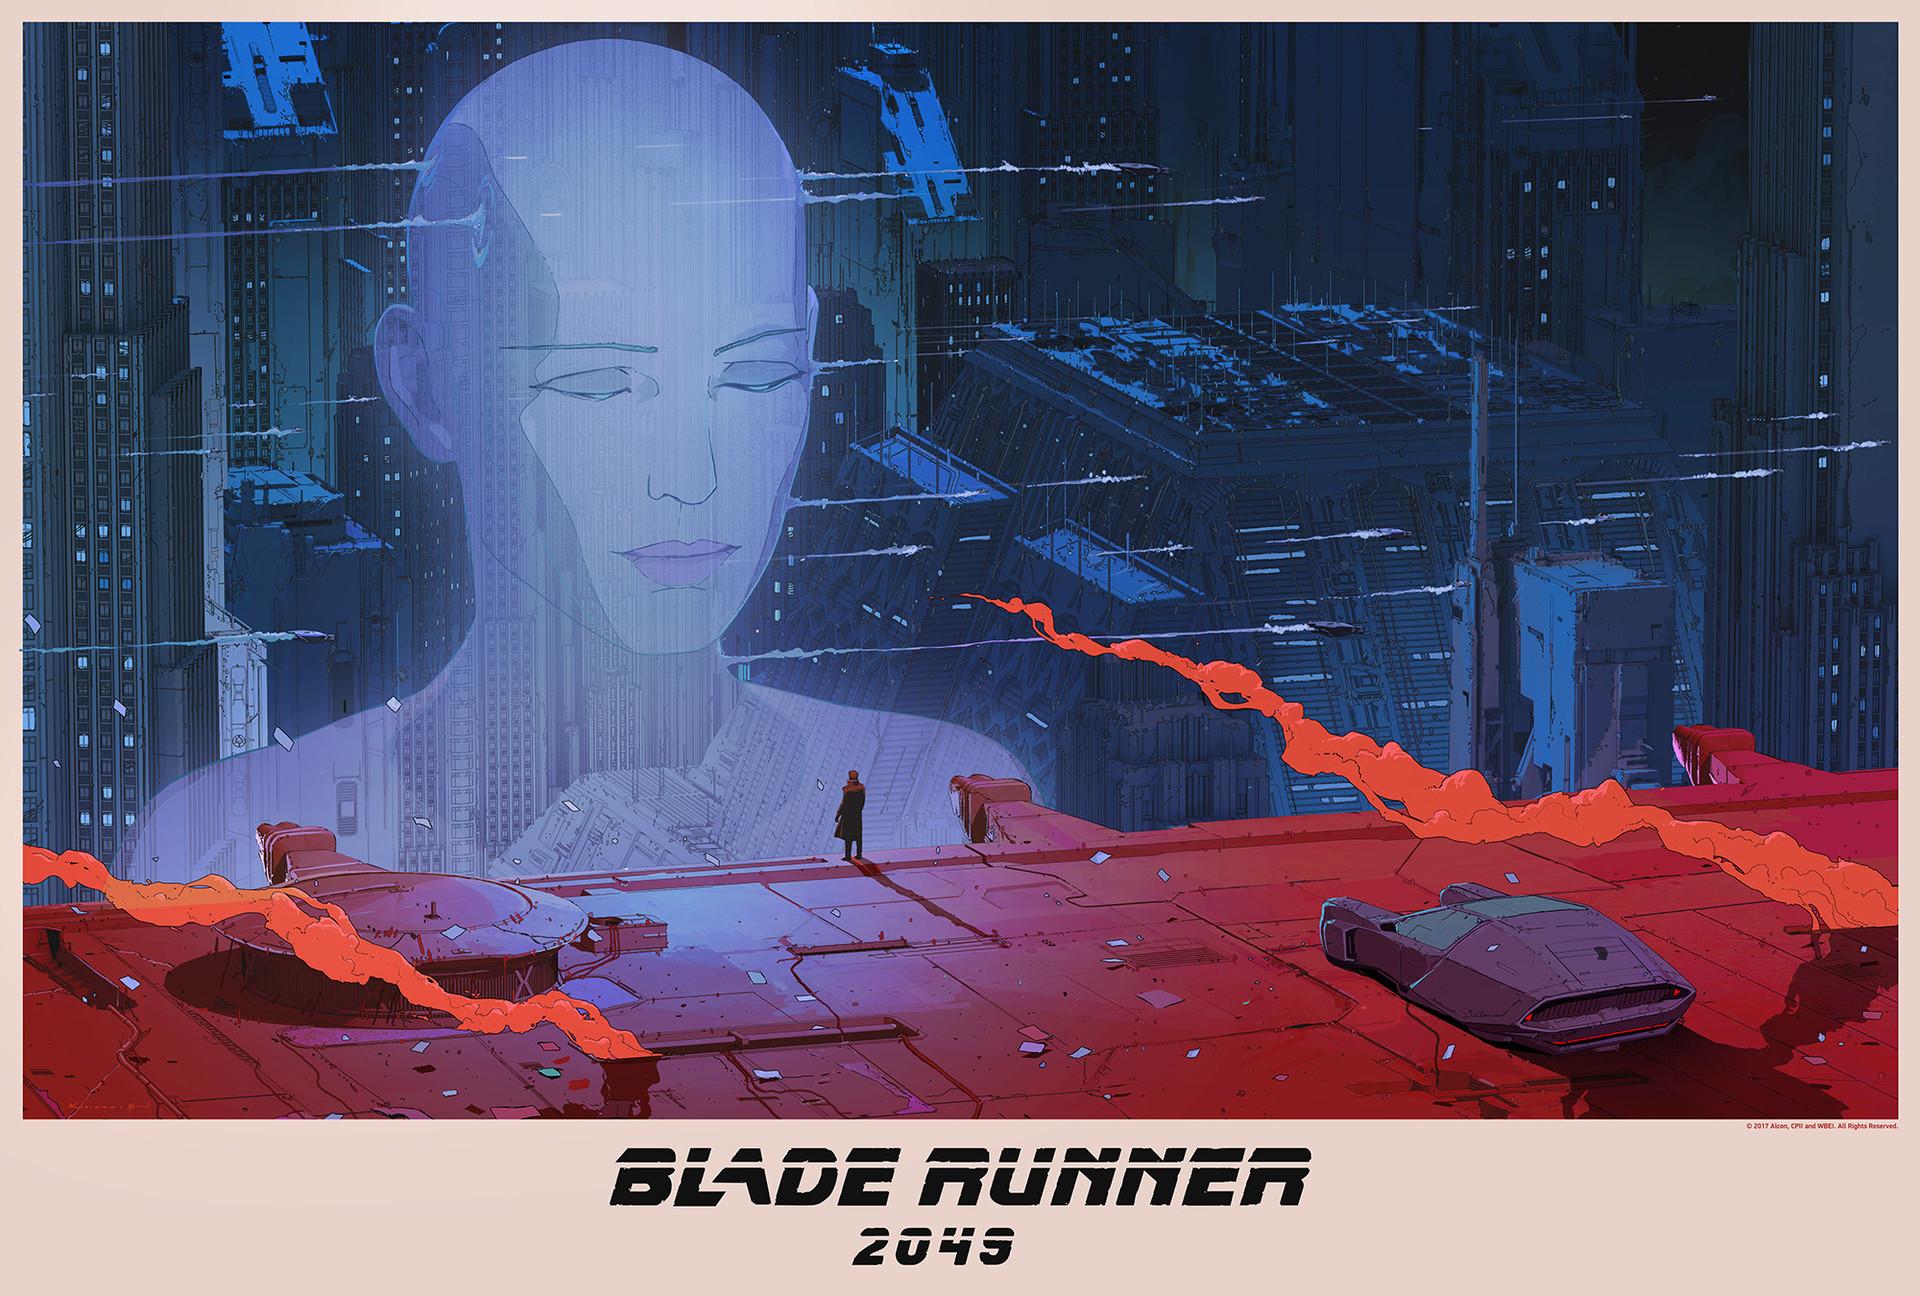 《银翼杀手2049》海报设计1-Renderbus云渲染农场